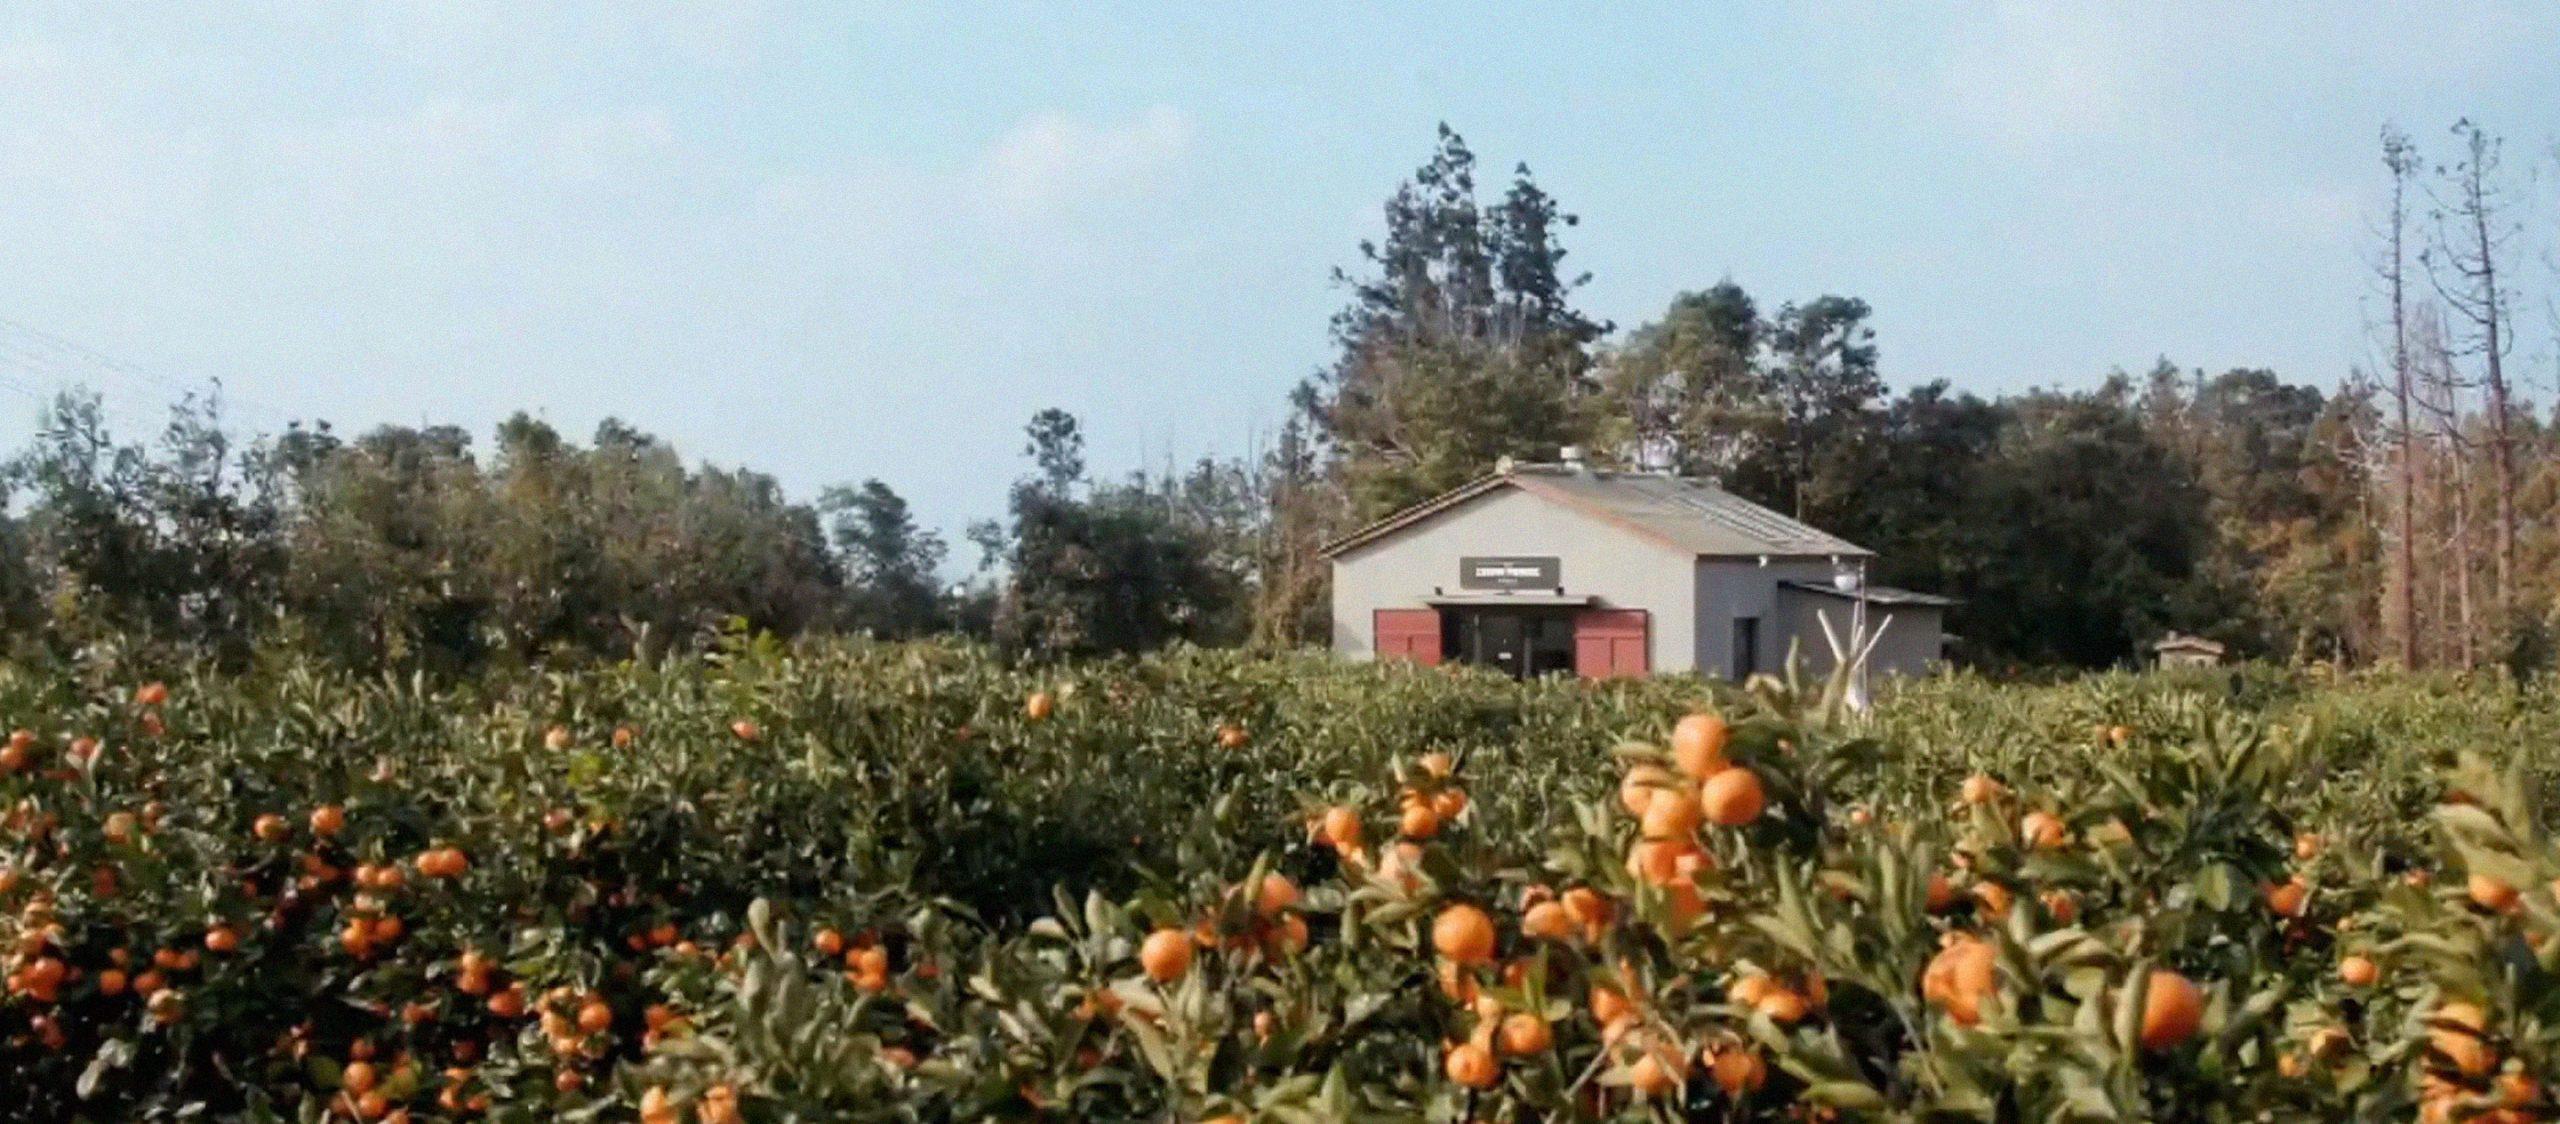 'นอนบ้านโบราณ กินบรันช์ที่สวนส้ม' บินไป staycation ที่เกาหลีใต้ผ่านรายการวาไรตี้